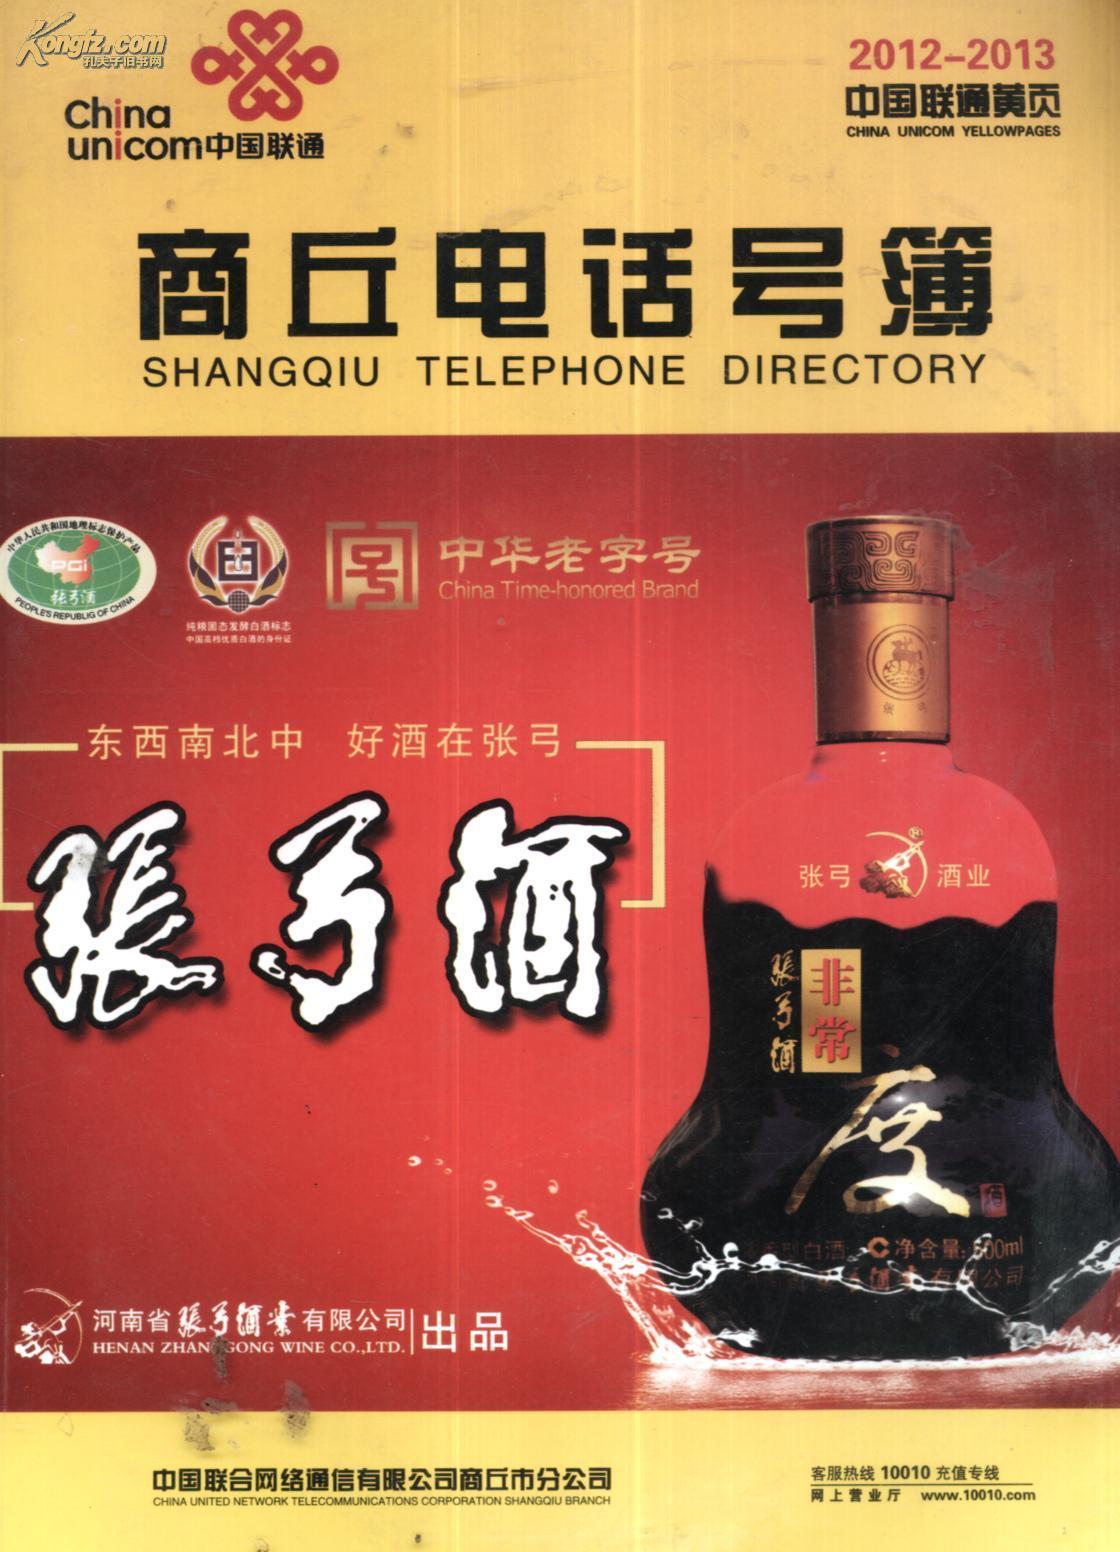 商丘电话号簿2012-2013